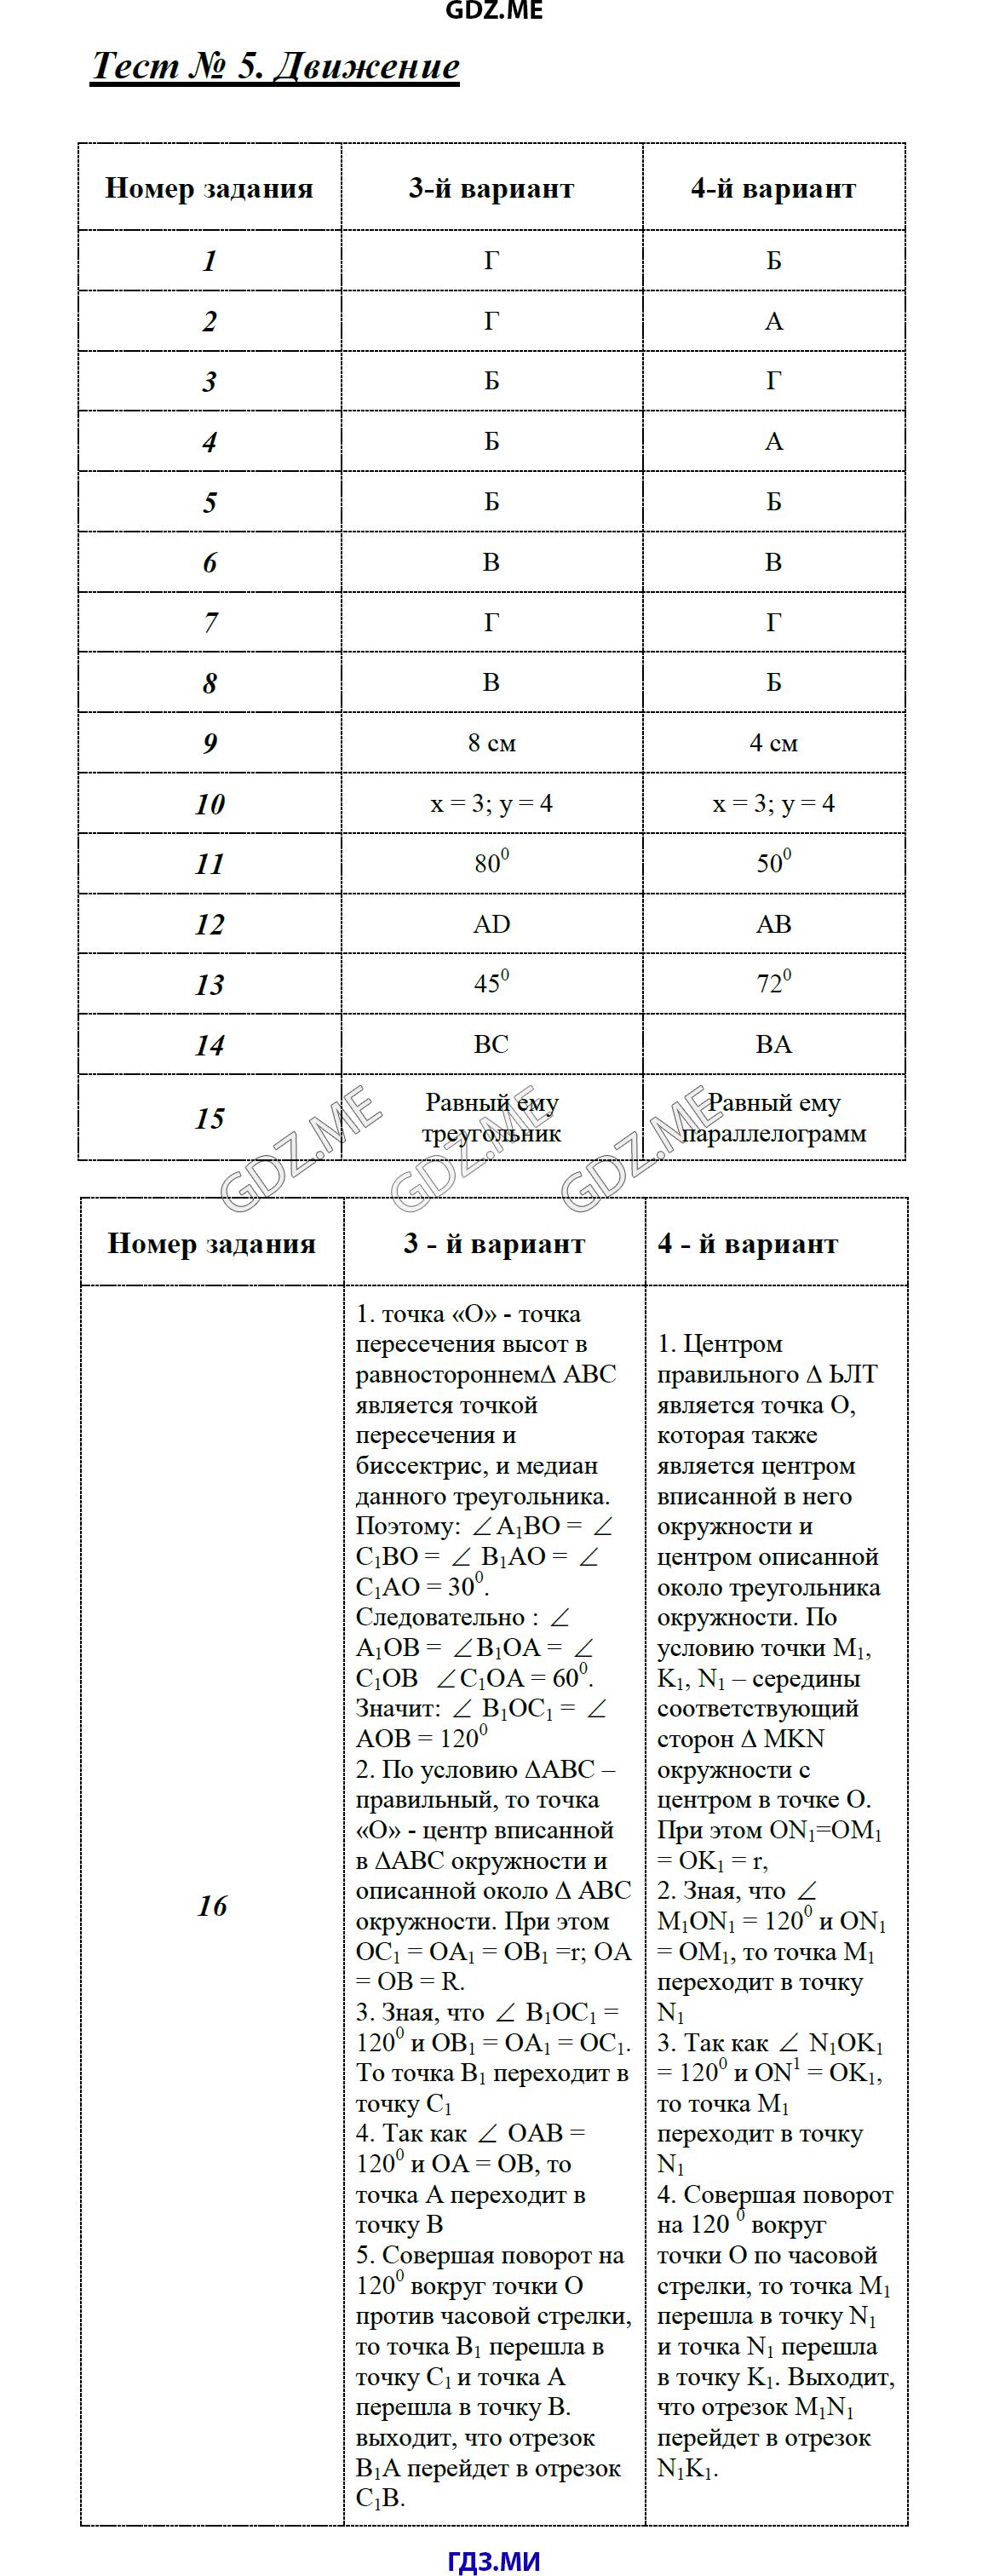 Гдз по геометрии тест 9 класса фарков